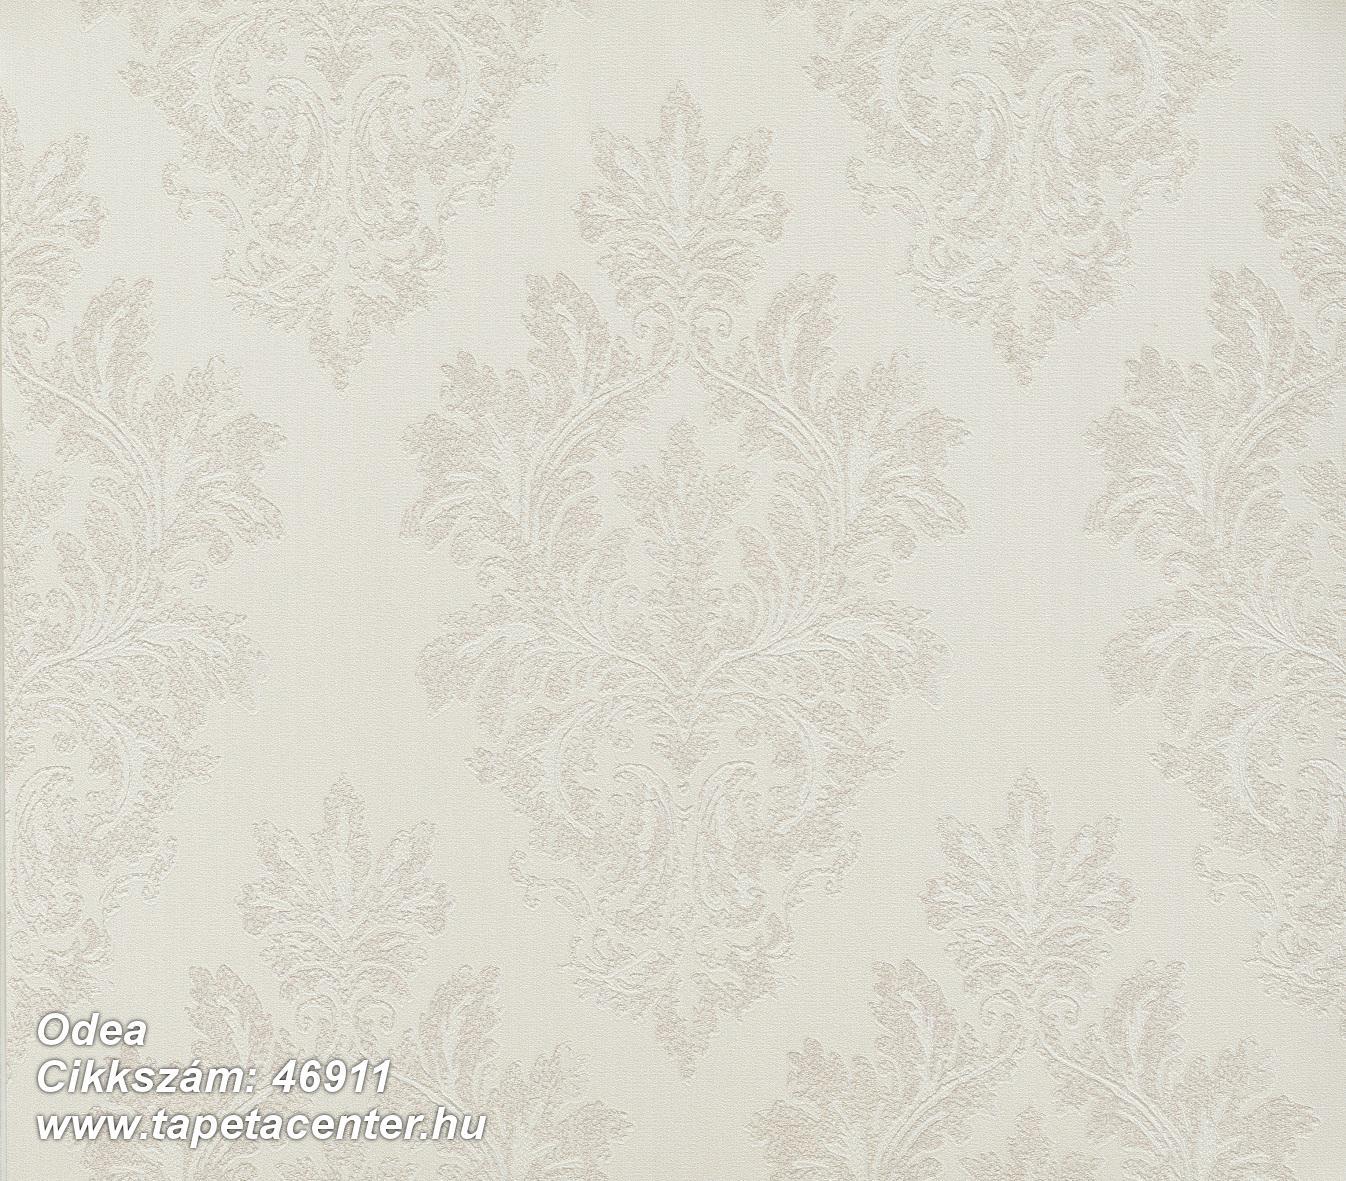 Odea - 46911 Olasz tapéta